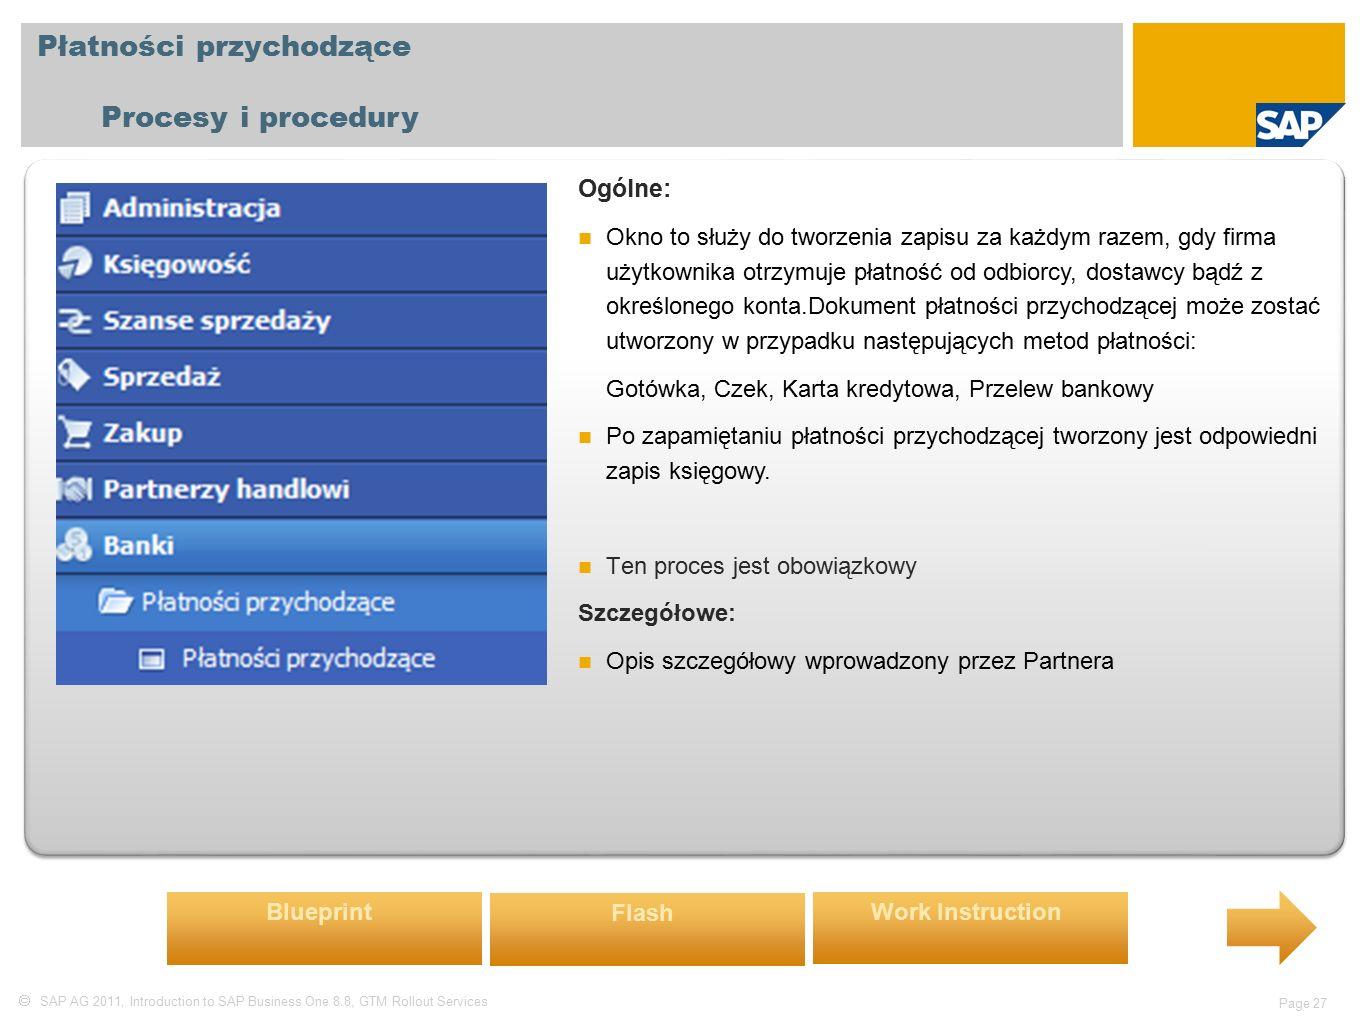  SAP AG 2011, Introduction to SAP Business One 8.8, GTM Rollout Services Page 27 Płatności przychodzące Procesy i procedury Ogólne: Okno to służy do tworzenia zapisu za każdym razem, gdy firma użytkownika otrzymuje płatność od odbiorcy, dostawcy bądź z określonego konta.Dokument płatności przychodzącej może zostać utworzony w przypadku następujących metod płatności: Gotówka, Czek, Karta kredytowa, Przelew bankowy Po zapamiętaniu płatności przychodzącej tworzony jest odpowiedni zapis księgowy.